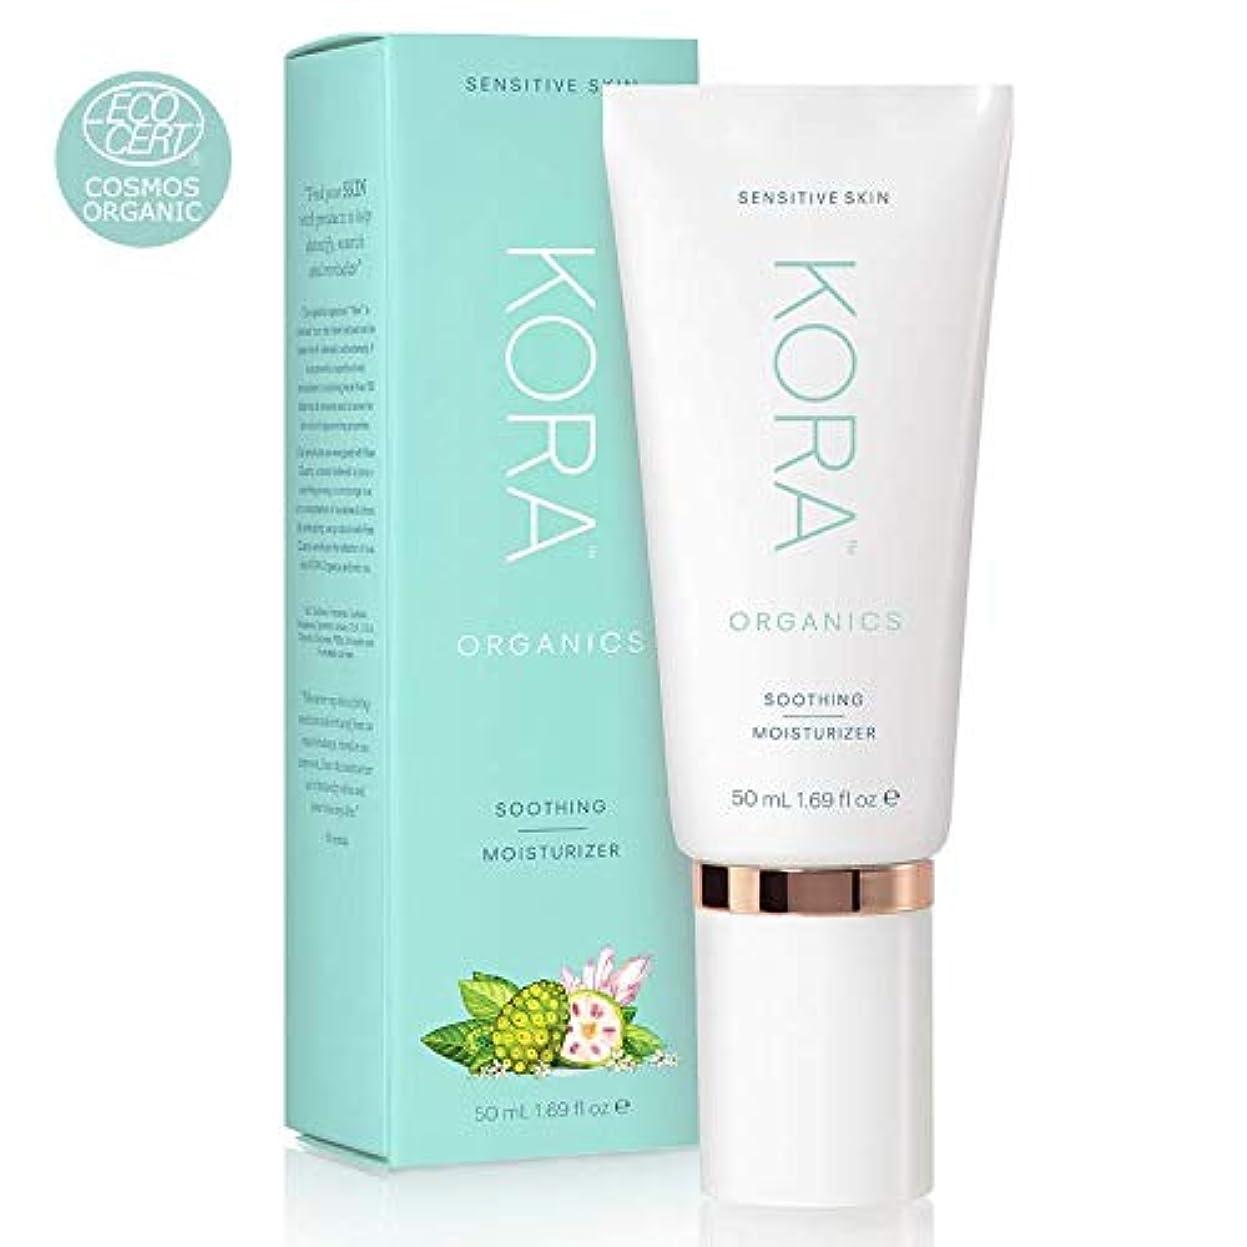 強います乳製品葉を集める【KORA Organics】(敏感肌用)スージング モイスチャライザー [SOOTHING MOISTURIZER](海外直送品)